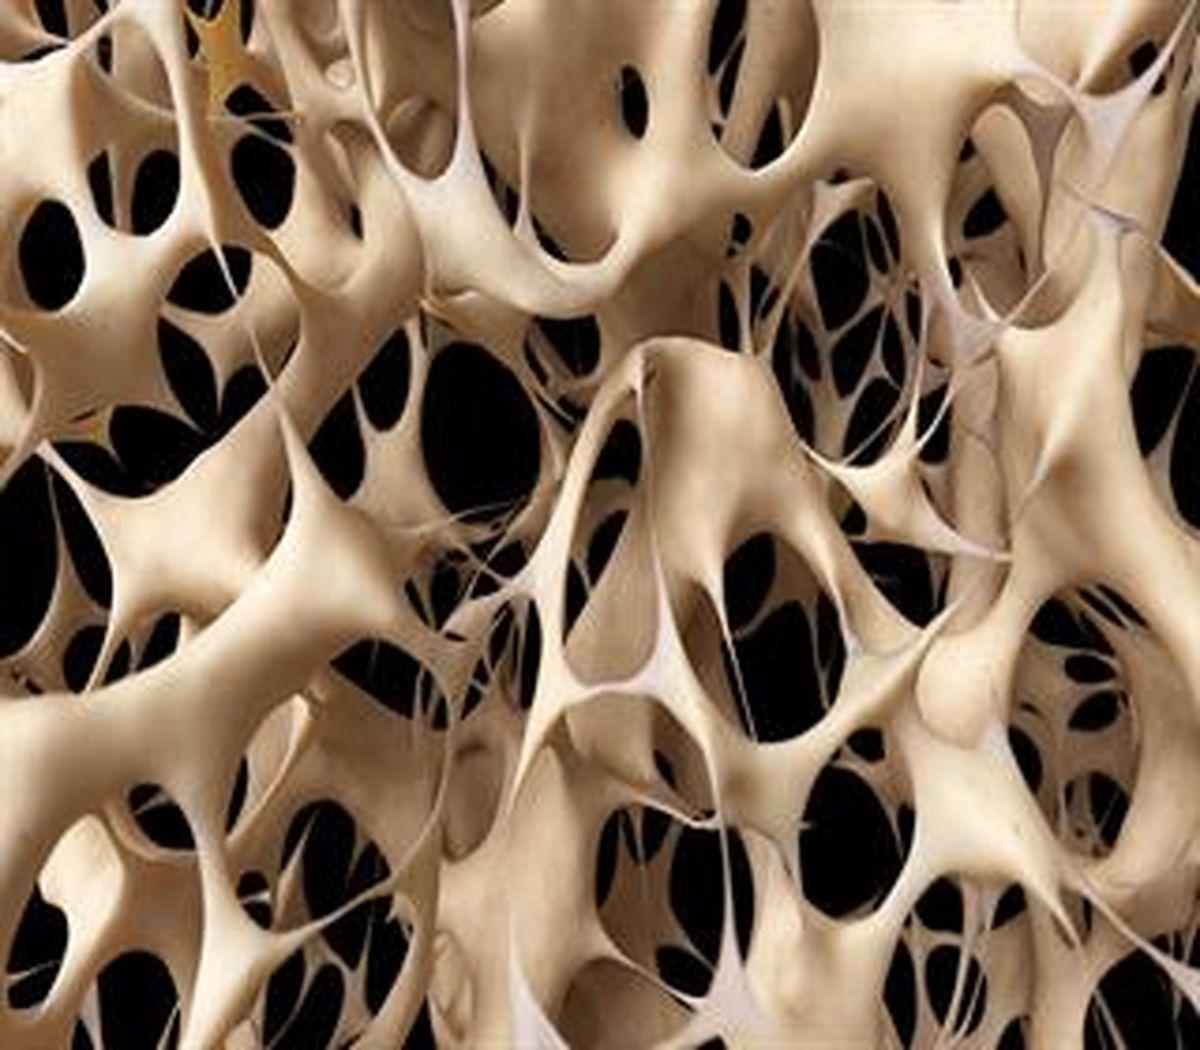 ۶ عادت روزانه سالم برای پیشگیری از پوکی استخوان!